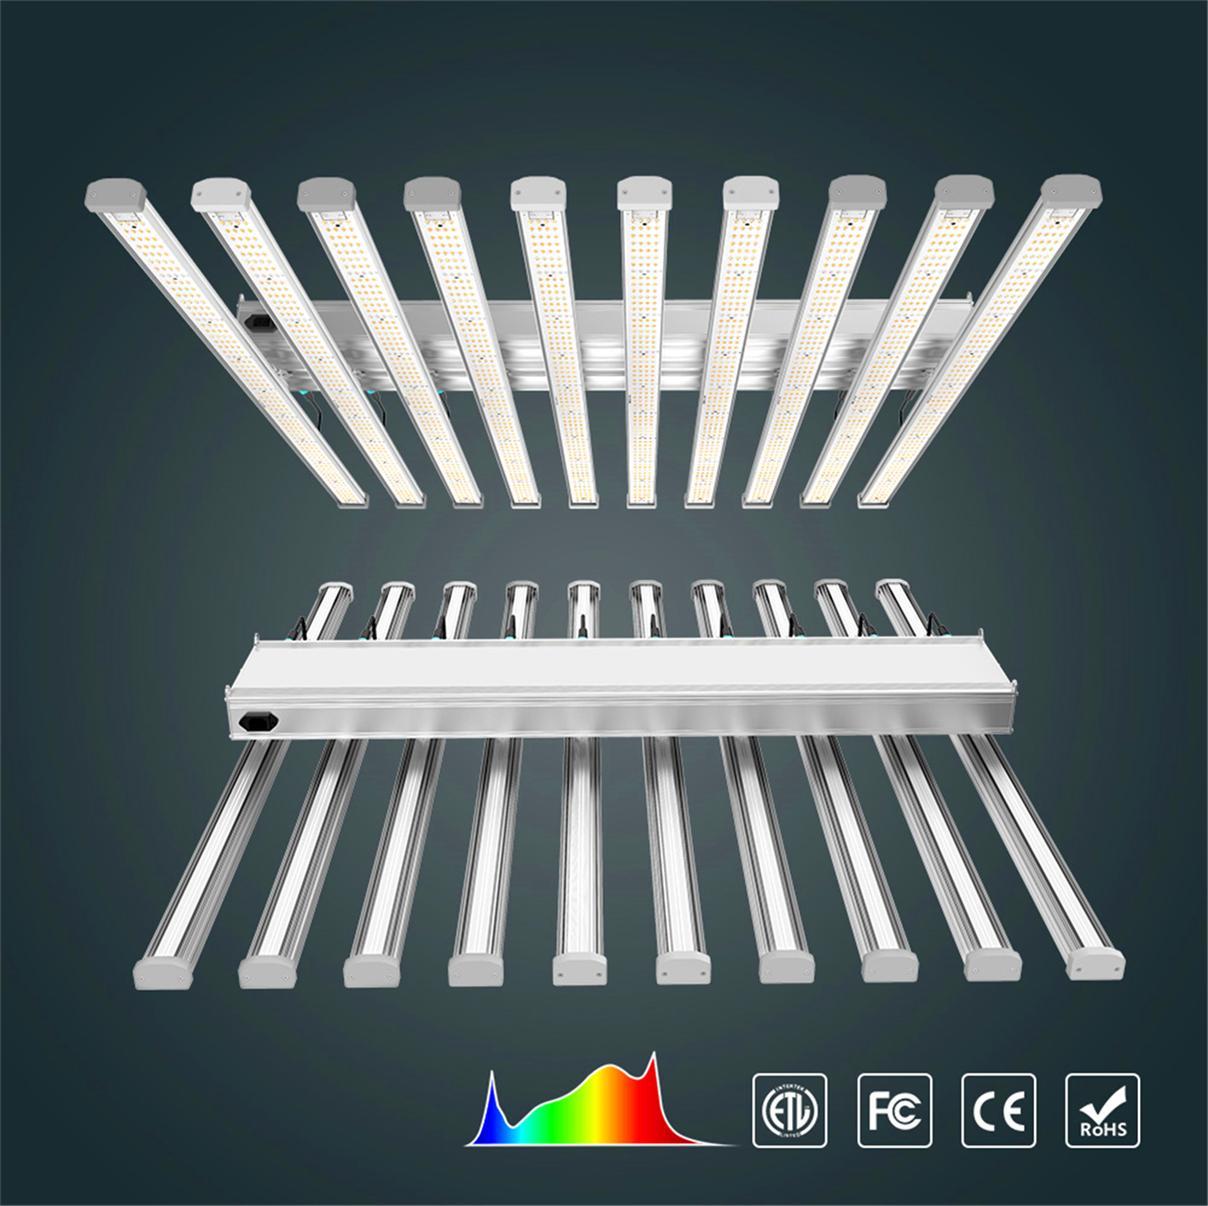 12 Bars 900W Full Spectrum Samsung281B LED Crece las barras de luces para las plantas hidropónicas de interior y Bloomvg Introduzca rápidamente la fase de crecimiento para aumentar la producción